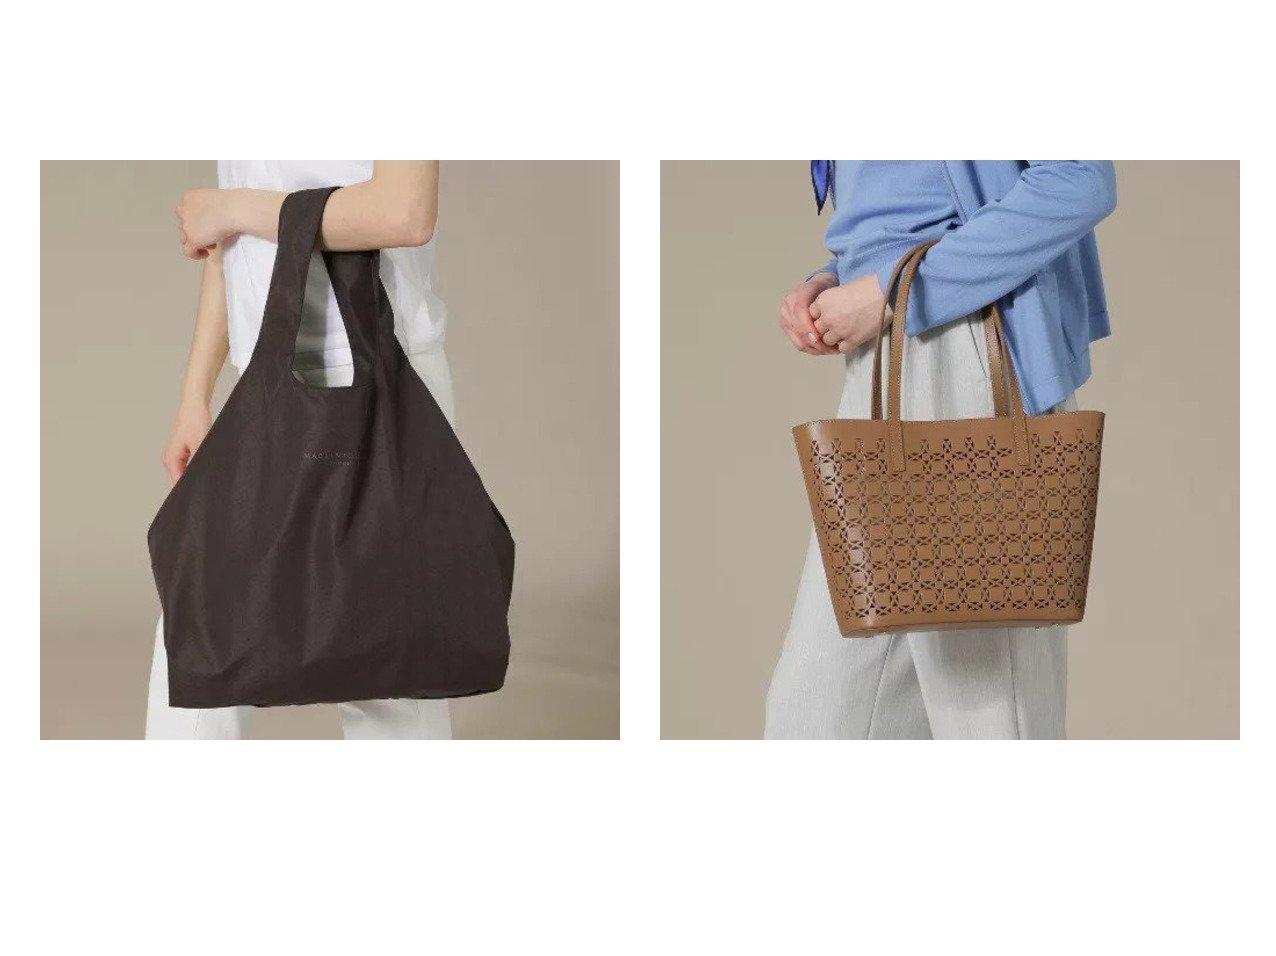 【MACKINTOSH LONDON/マッキントッシュ ロンドン】のアンドリュー柄マルシェエコバッグ&ANDREW柄レザーカットワークトート 【バッグ・鞄】おすすめ!人気、トレンド・レディースファッションの通販  おすすめで人気の流行・トレンド、ファッションの通販商品 メンズファッション・キッズファッション・インテリア・家具・レディースファッション・服の通販 founy(ファニー) https://founy.com/ ファッション Fashion レディースファッション WOMEN バッグ Bag コンパクト プリント ポケット 軽量 S/S・春夏 SS・Spring/Summer パターン ポーチ 春 Spring  ID:crp329100000032125